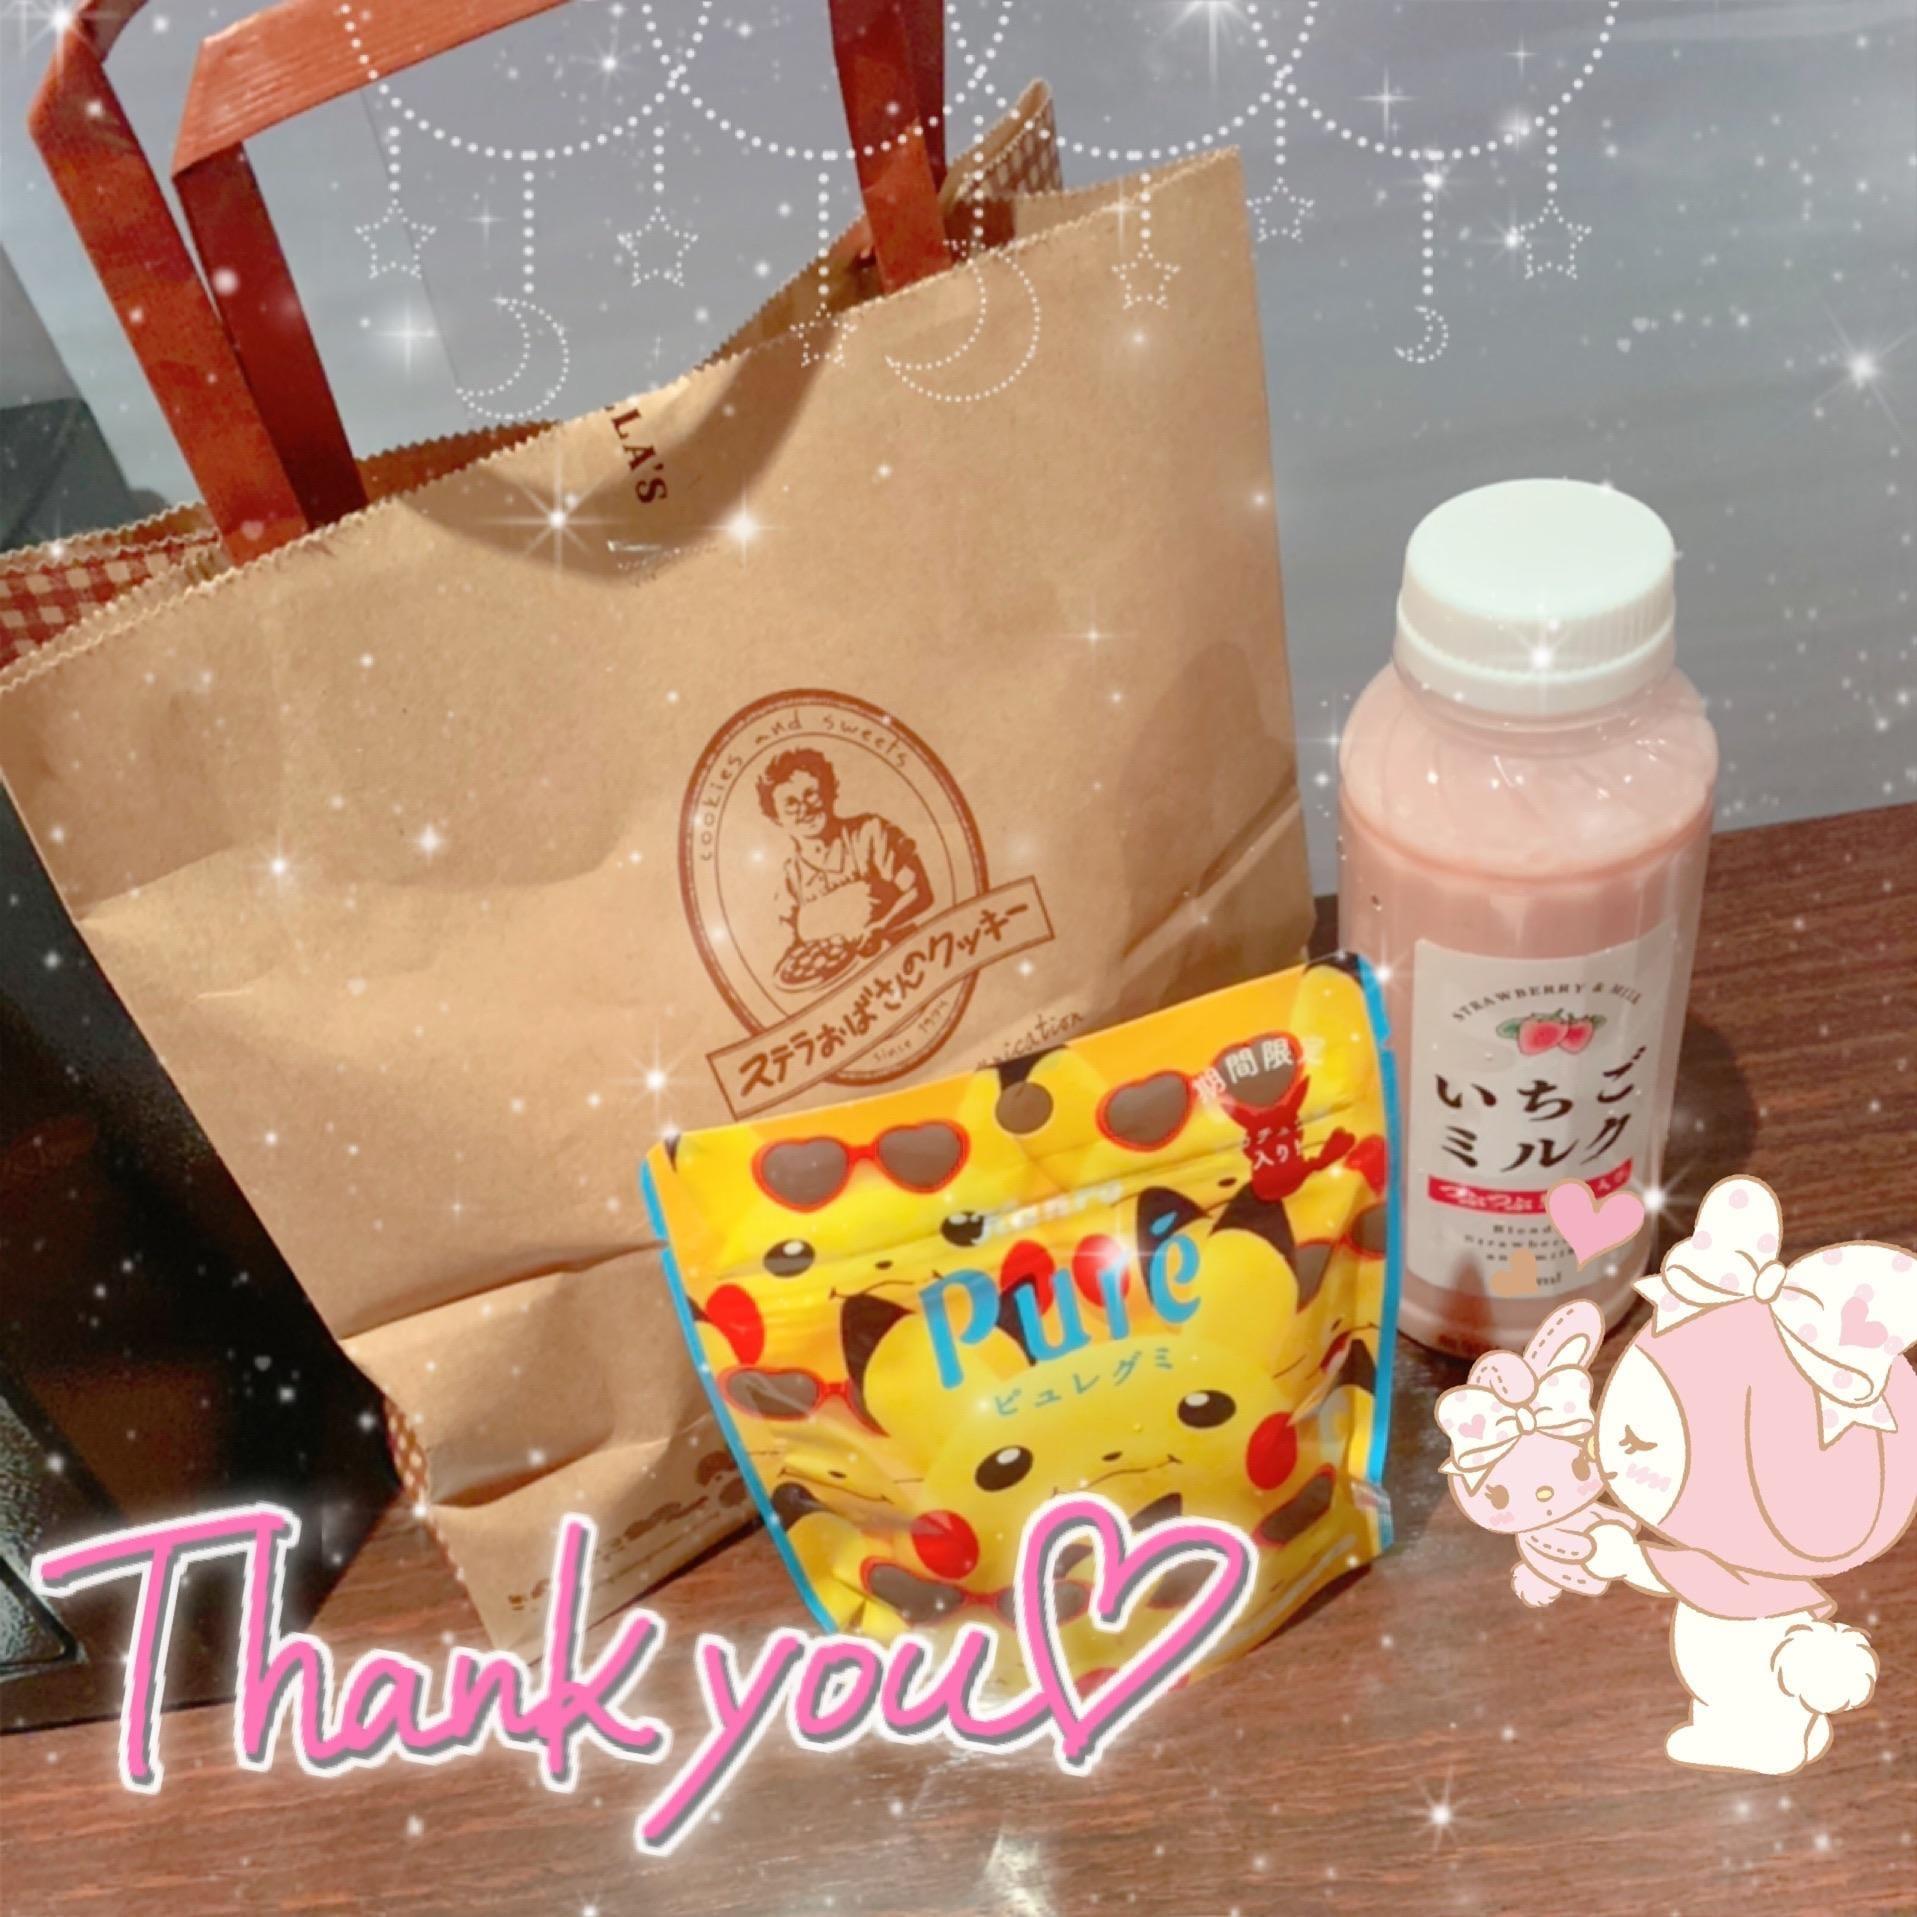 「ありがとう♪」08/04(火) 22:52 | りょうの写メ・風俗動画